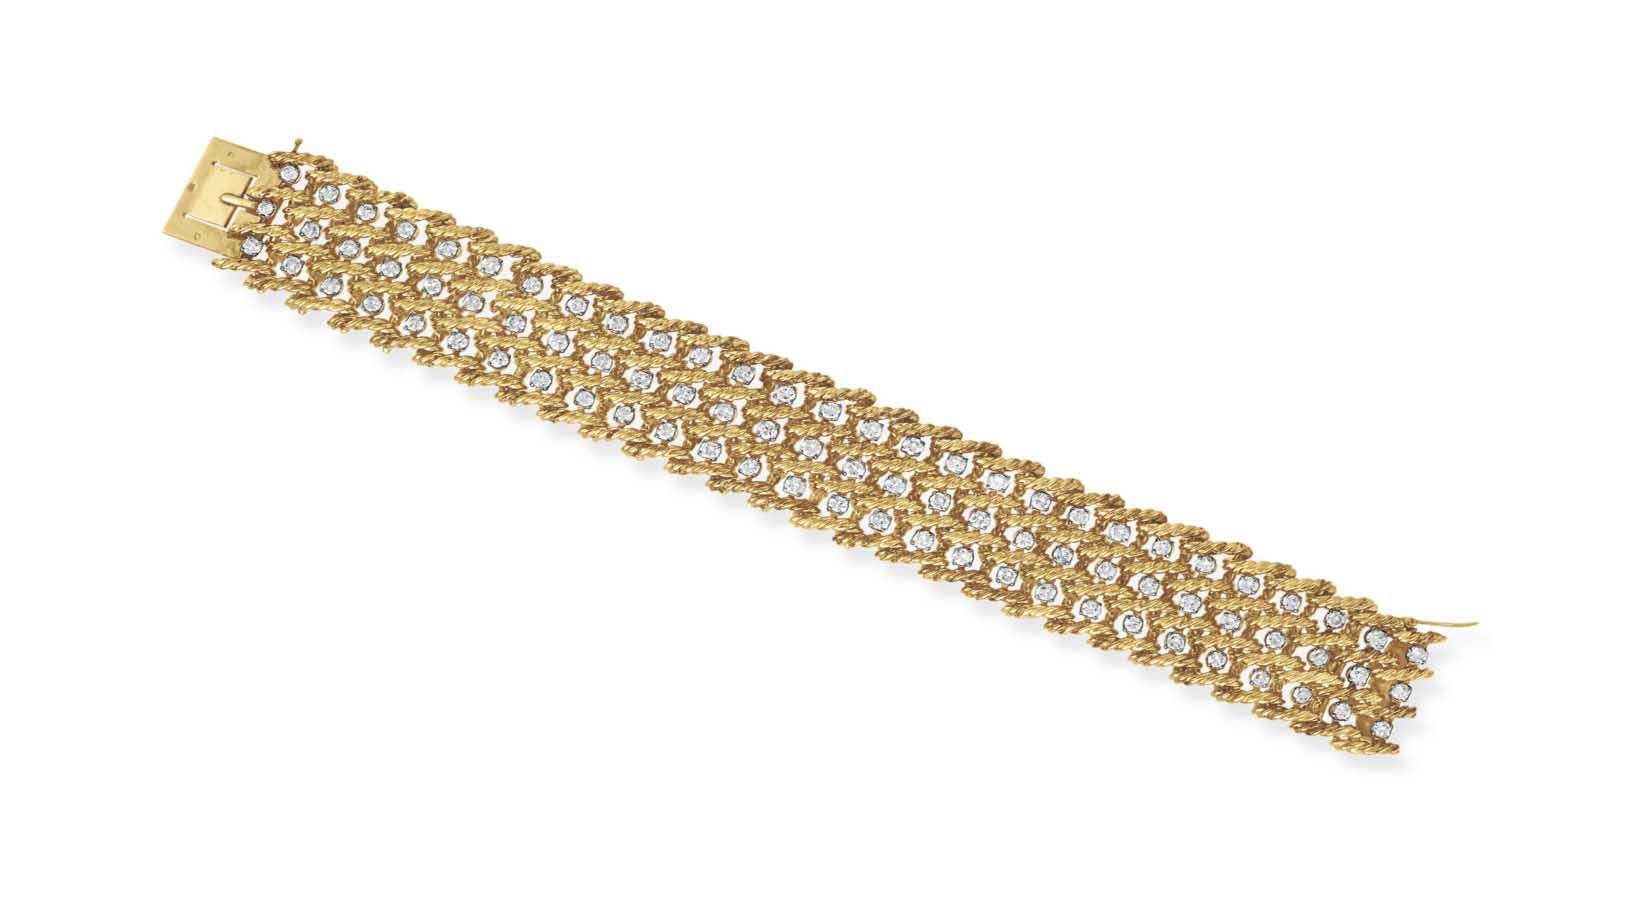 A DIAMOND AND GOLD BRACELET, BY BOUCHERON